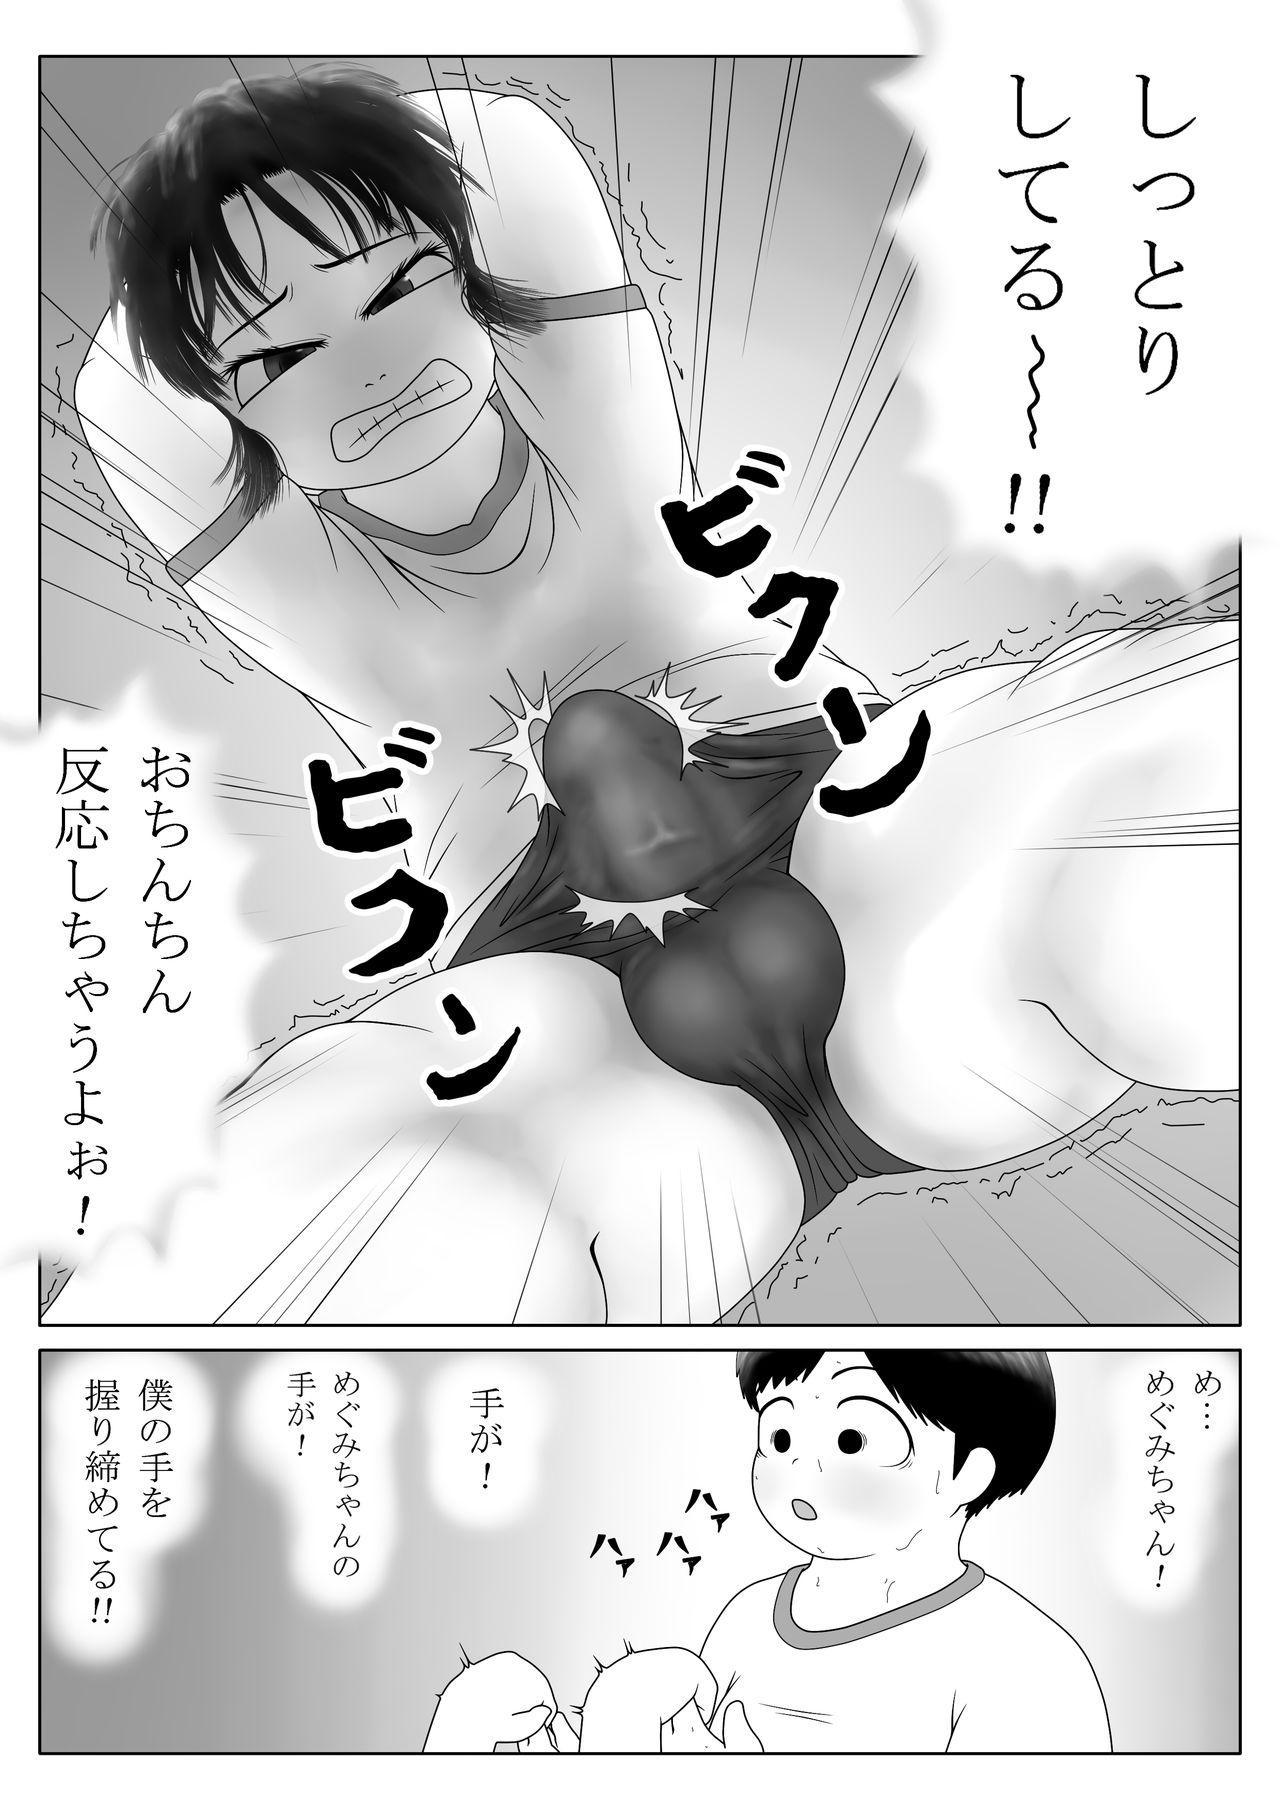 Hentai-tachi no Seishun 10